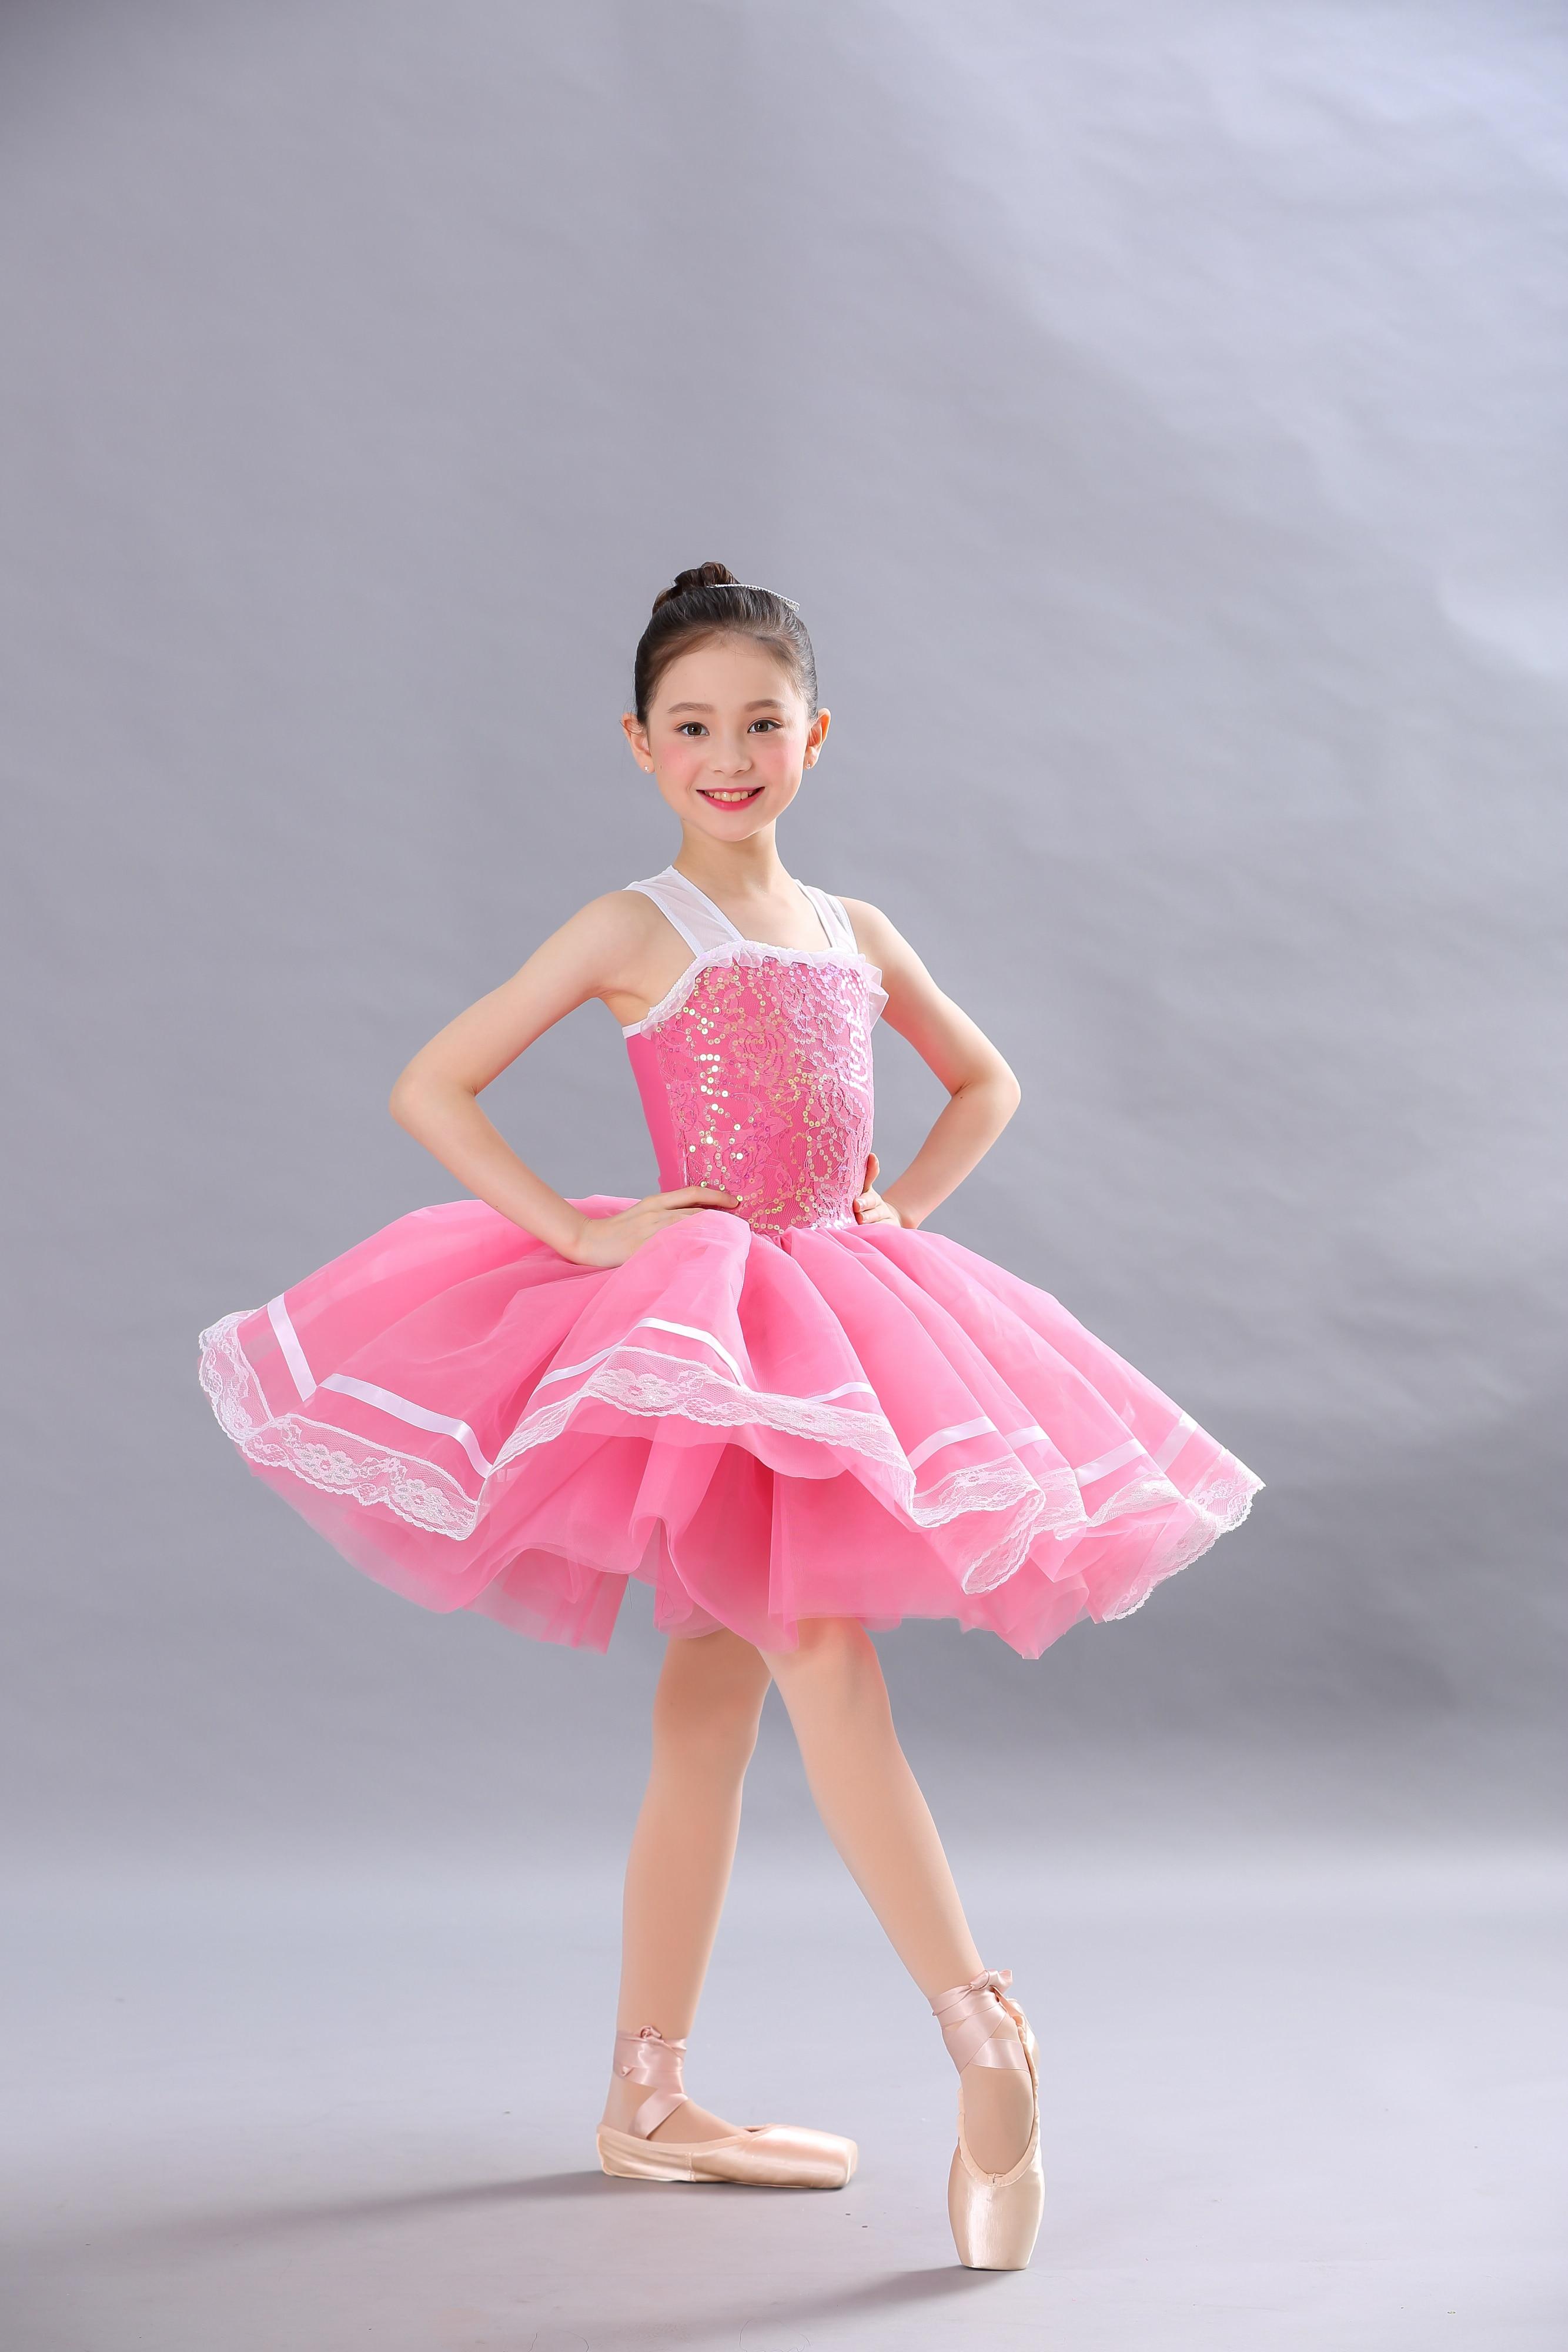 Jupe tutu de ballet rose paillettes belle fille danse porter fleur rose tulle danse costume justaucorps de gymnastique pour les filles